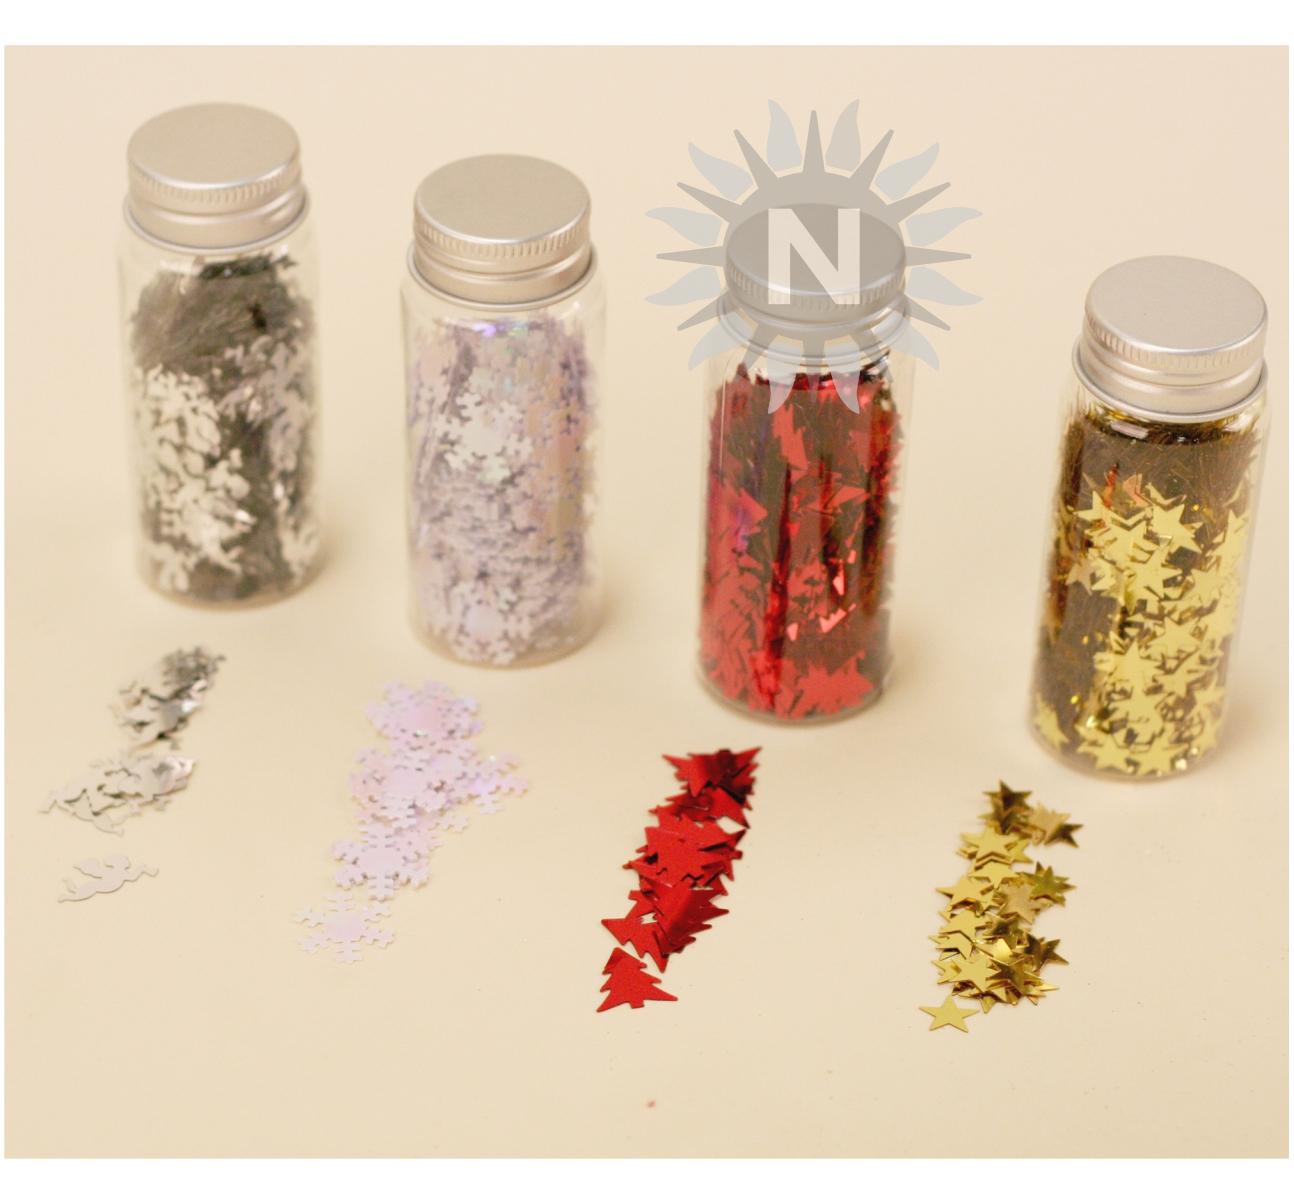 Weihnachtsdeko Rot Silber.23508 Weihnachtsdeko Zum Streuen Aus Kunststoff 4 Designs Sort